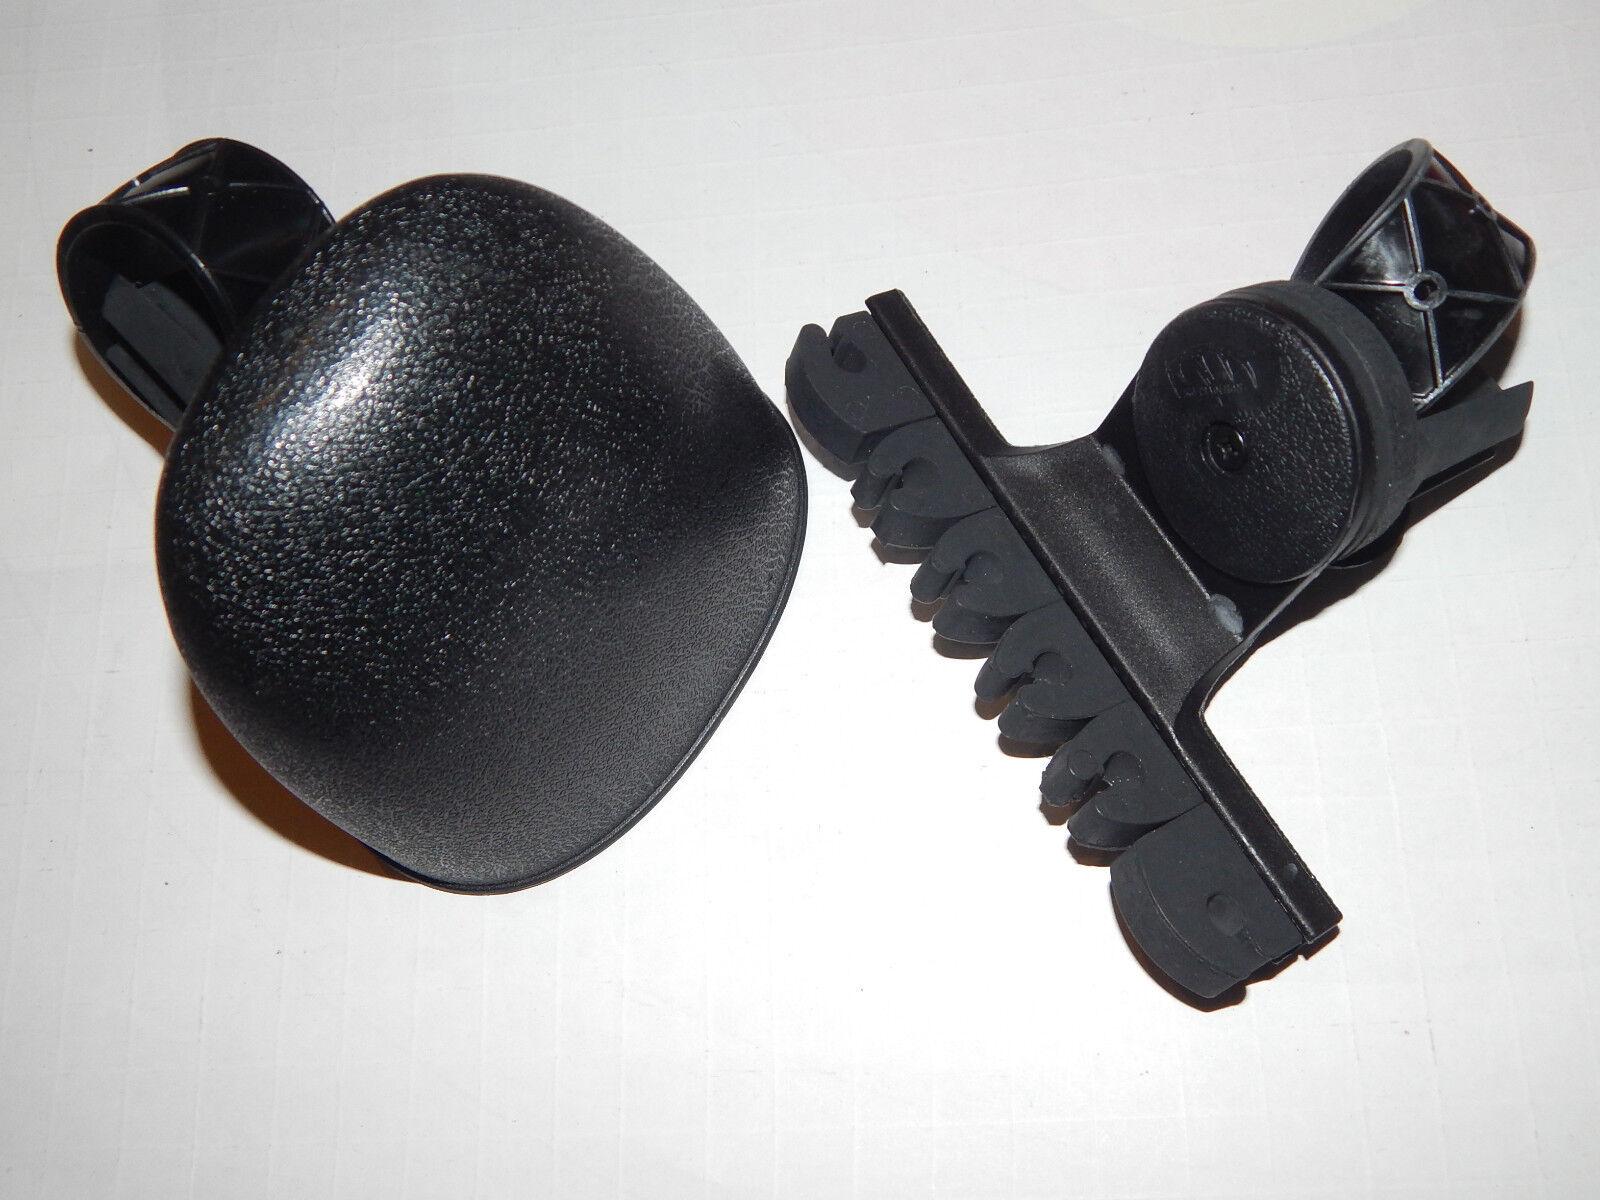 Bogenköcher Bogenköcher Bogenköcher für Recurve Bogen Plastik schwarz für 6 Pfeile Strap on bca69b